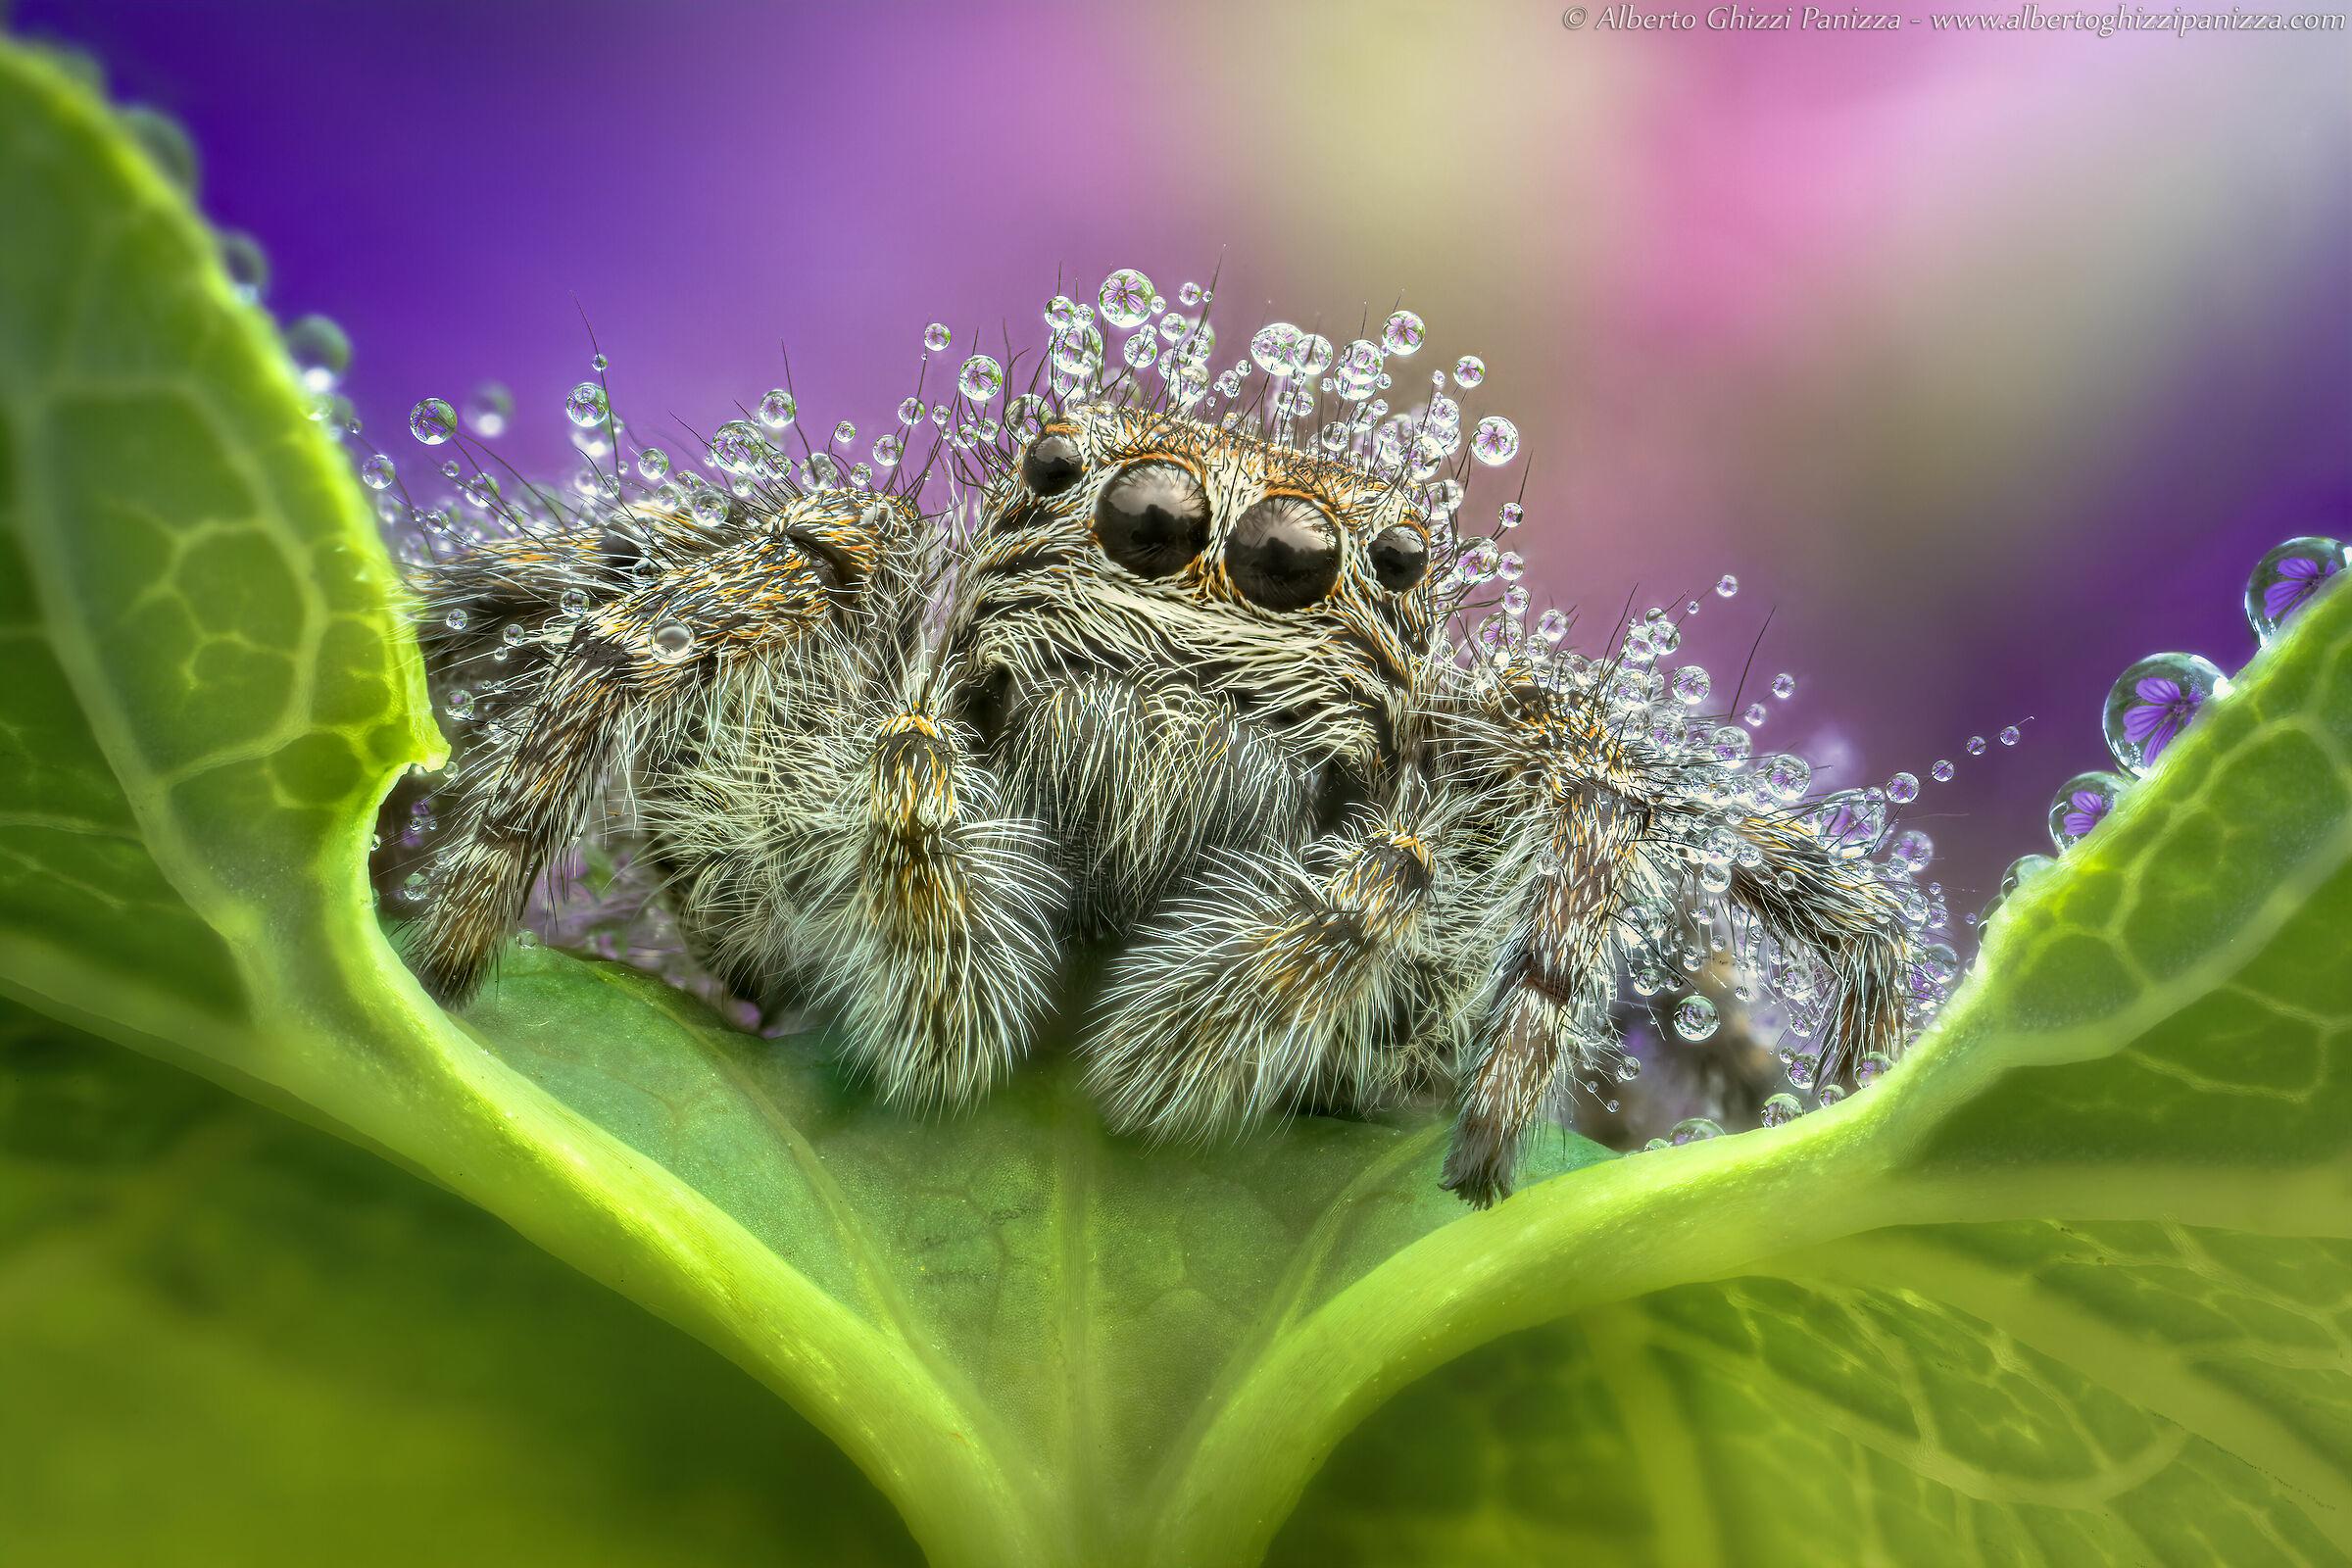 Con la pioggia anche i ragni hanno i loro problemi...